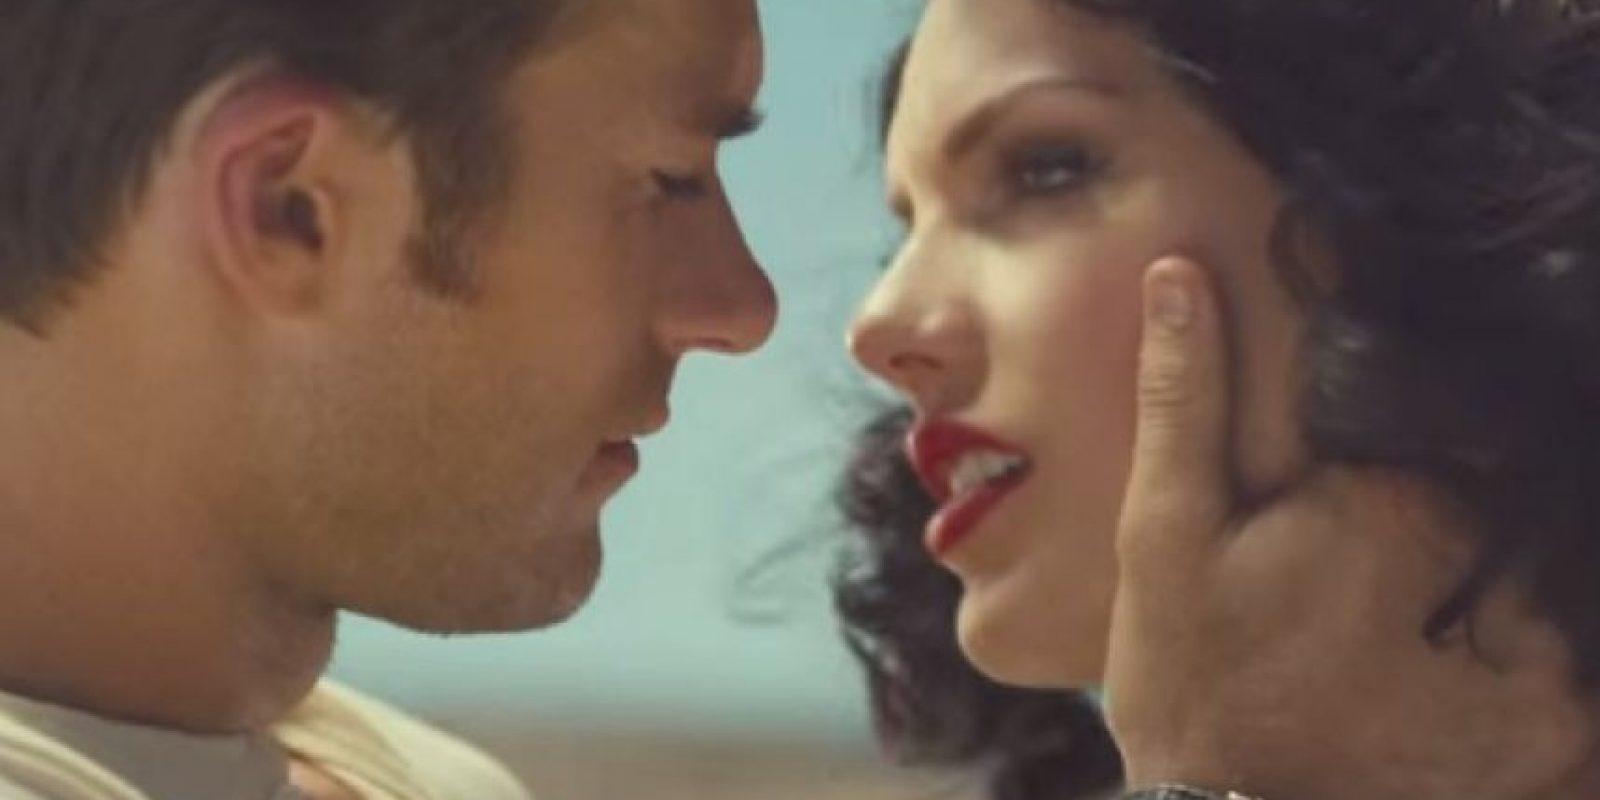 """""""Wildest Dreams"""" narra la historia de amor entre una actriz de Hollywood y un actor en el set de grabación. Foto:YouTube/TaylorSwiftVEVO"""